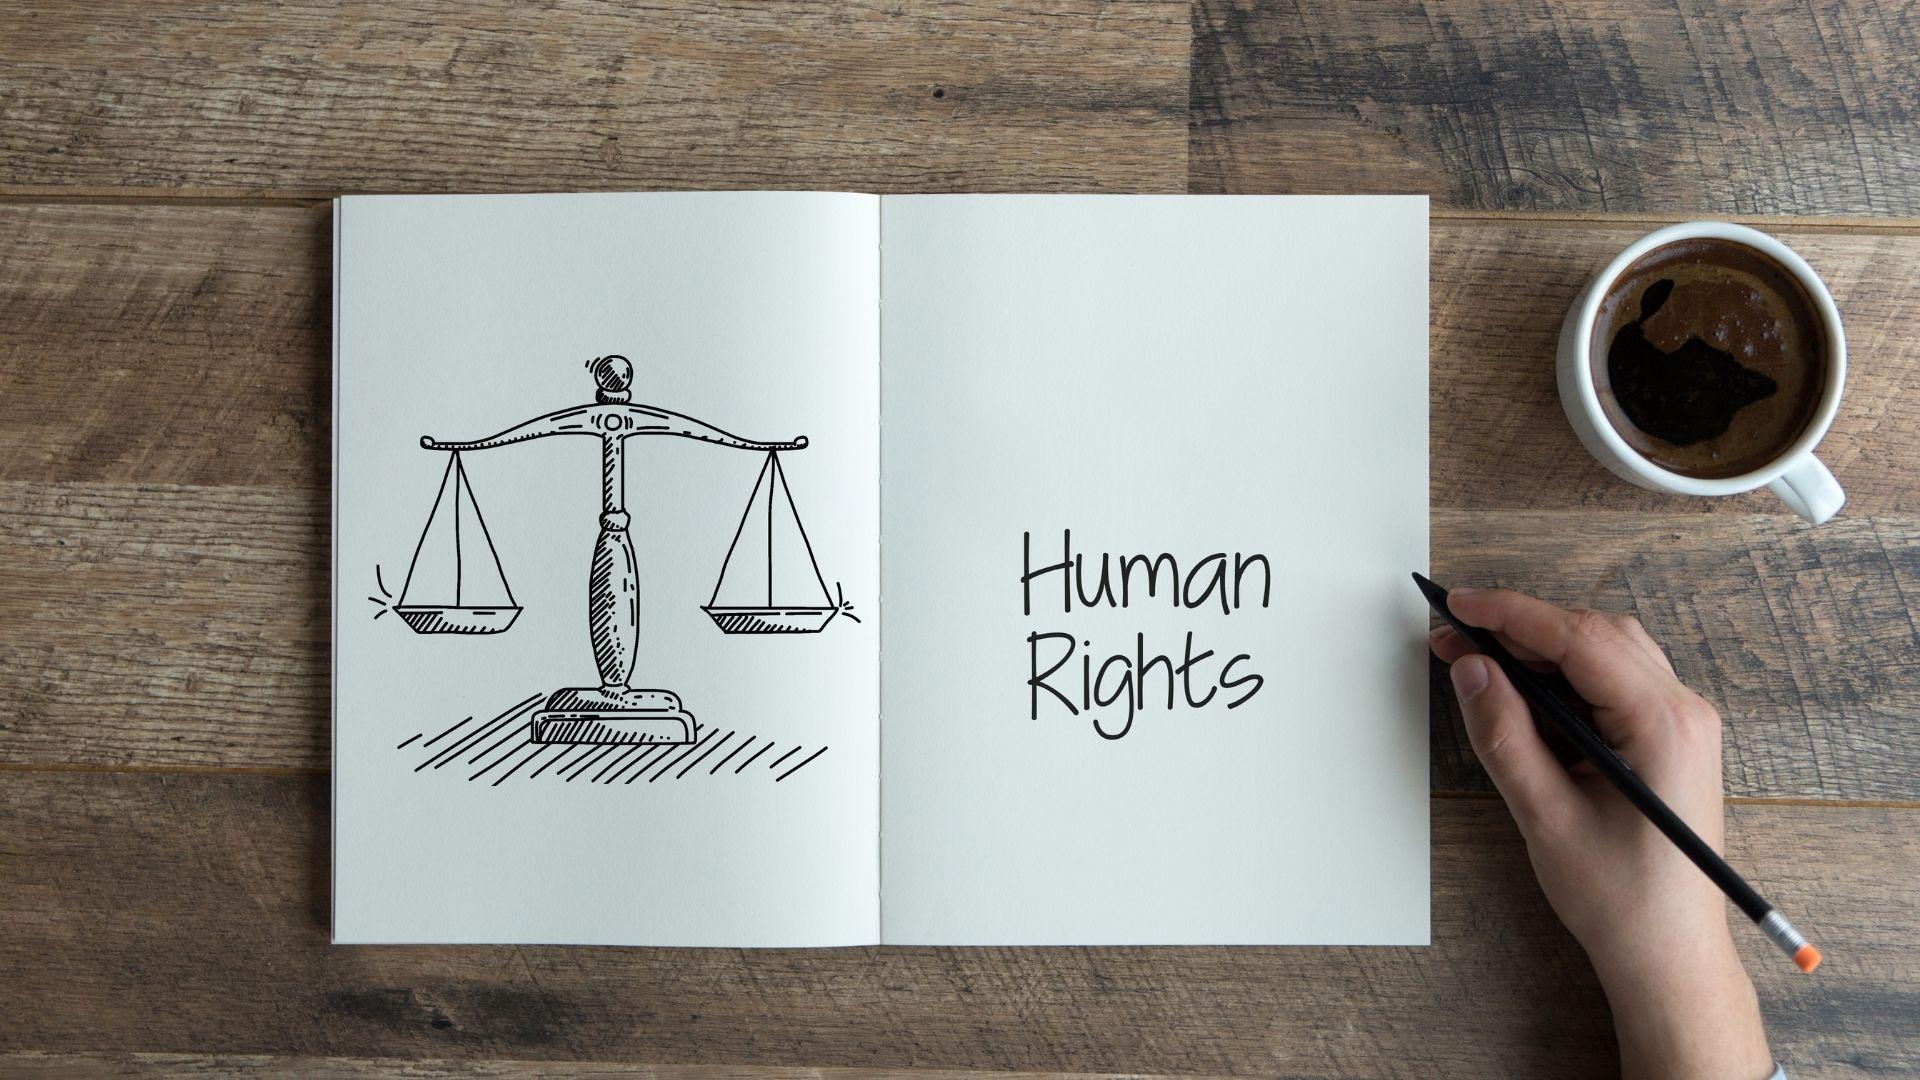 Ανθρώπινα Δικαιώματα, Κοινωνία και Πολυεπίπεδη Διακυβέρνηση